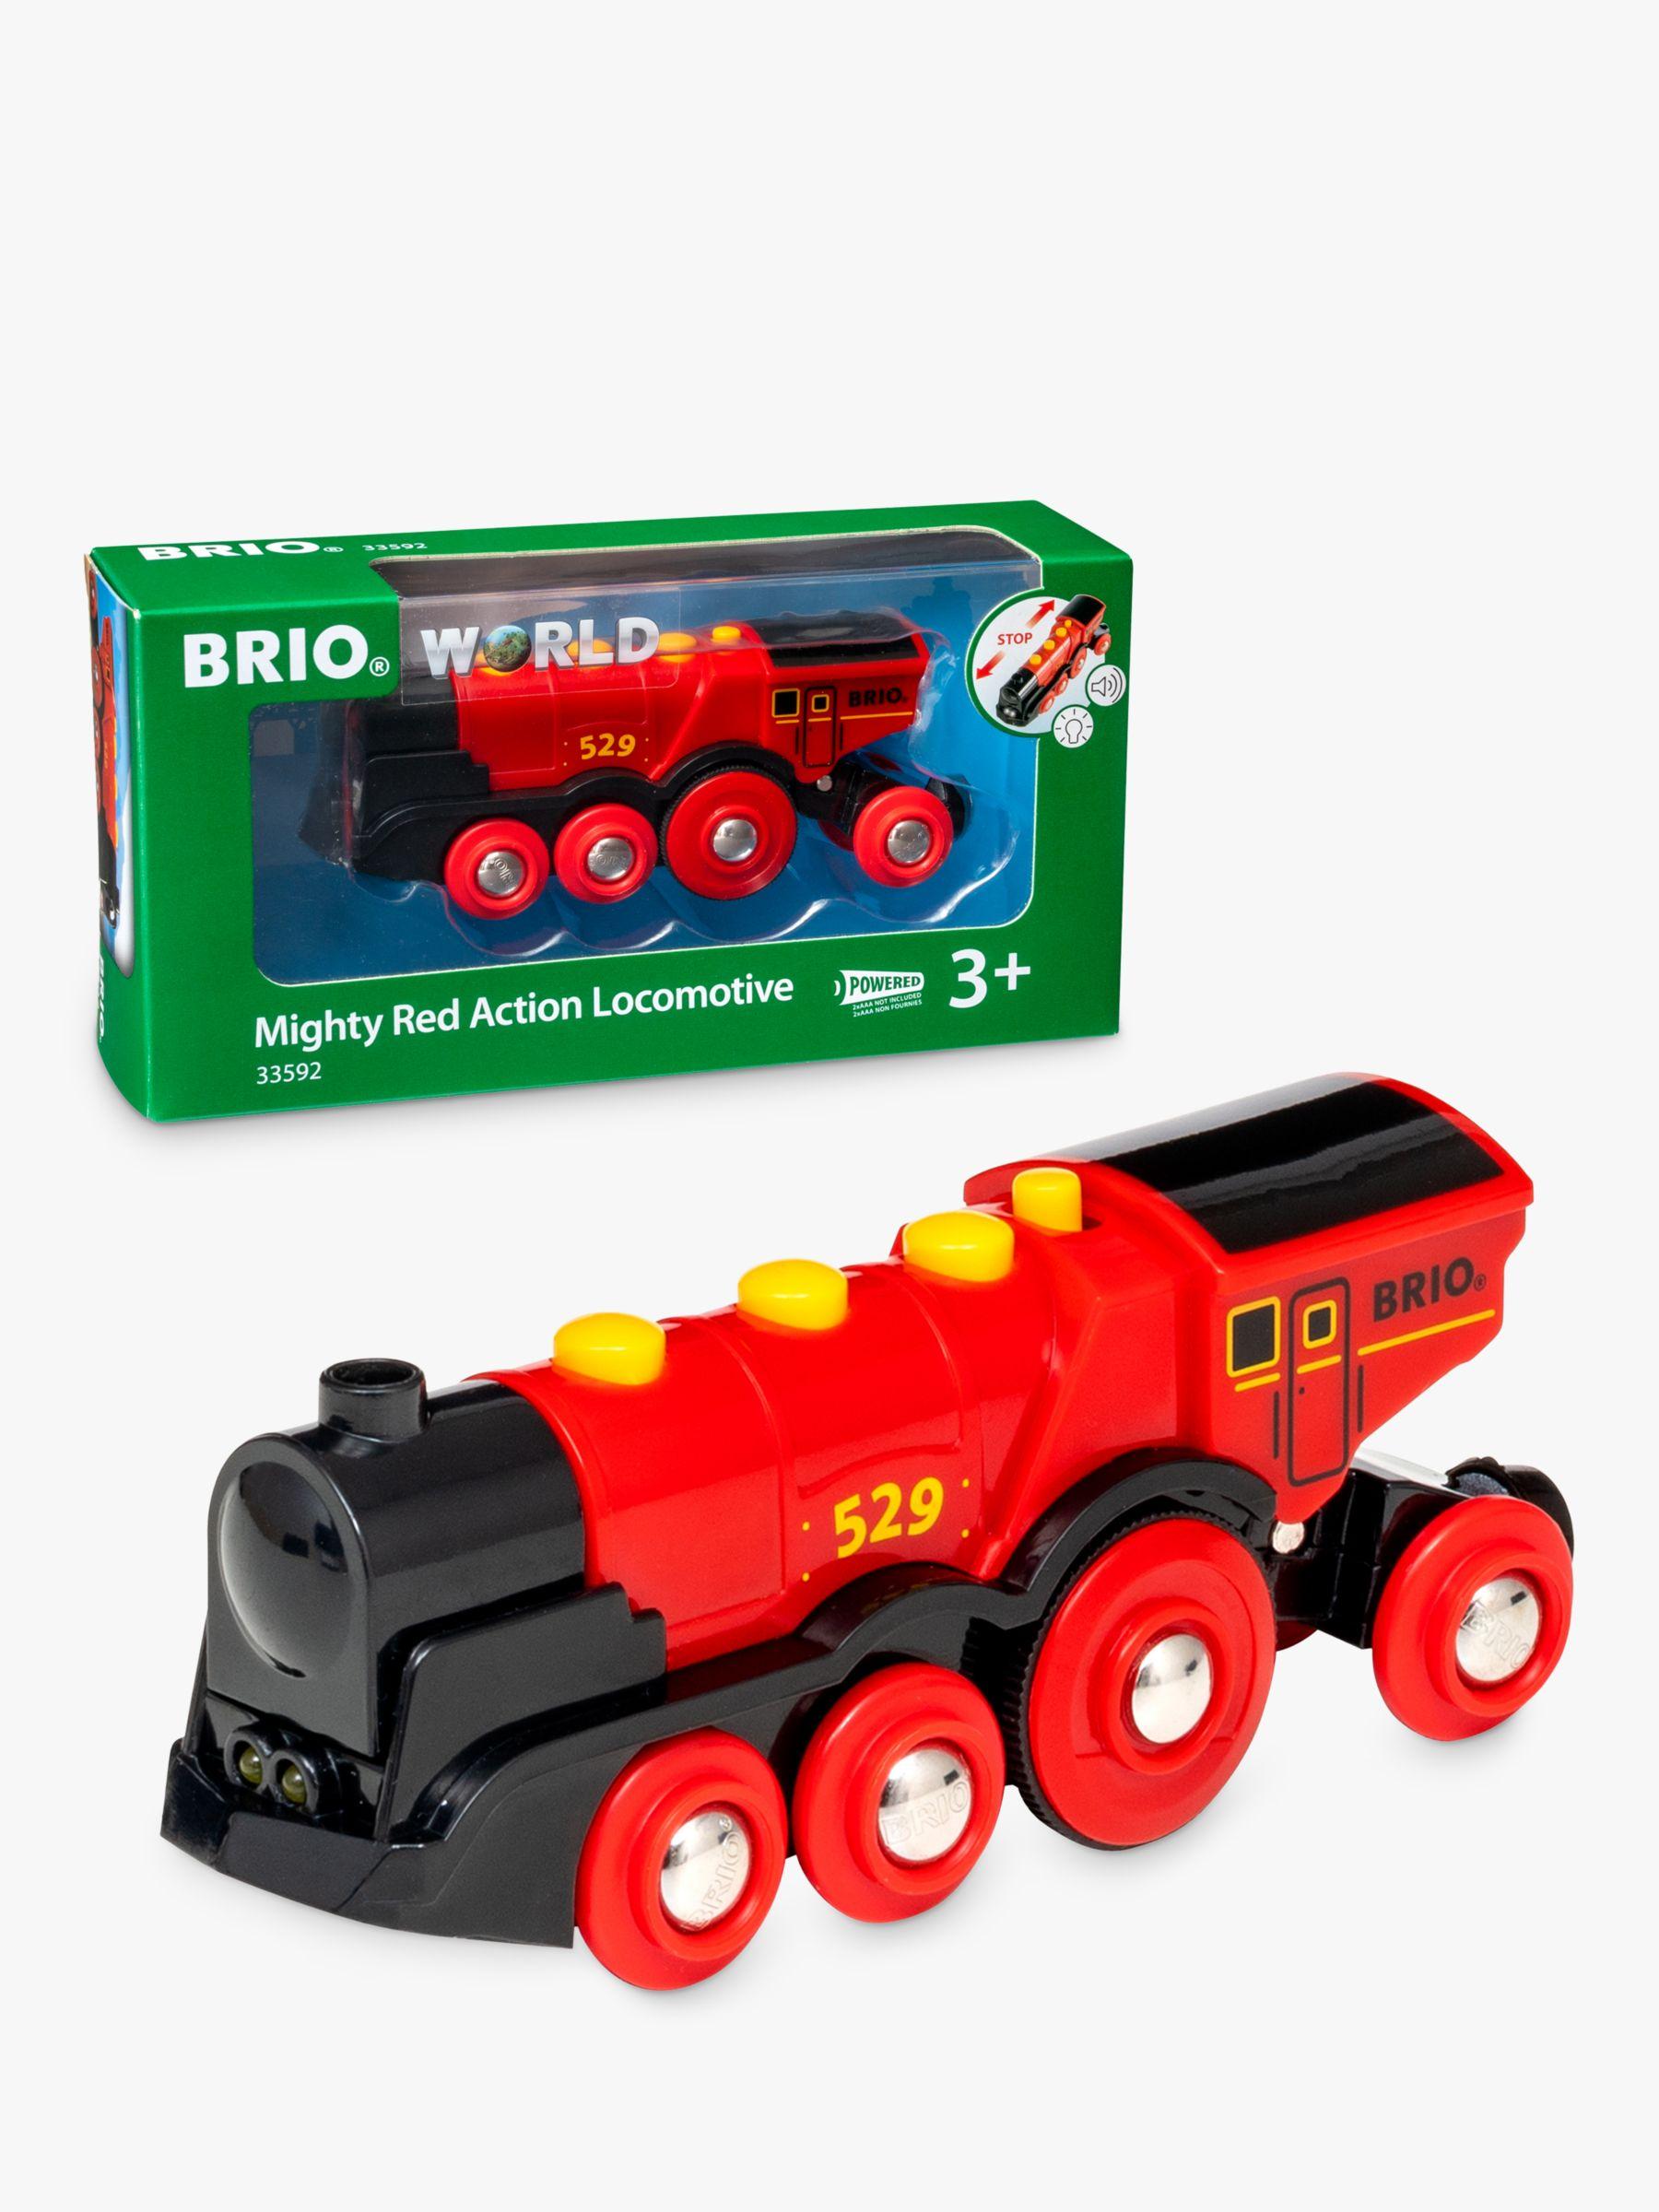 BRIO BRIO World Mighty Red Action Locomotive